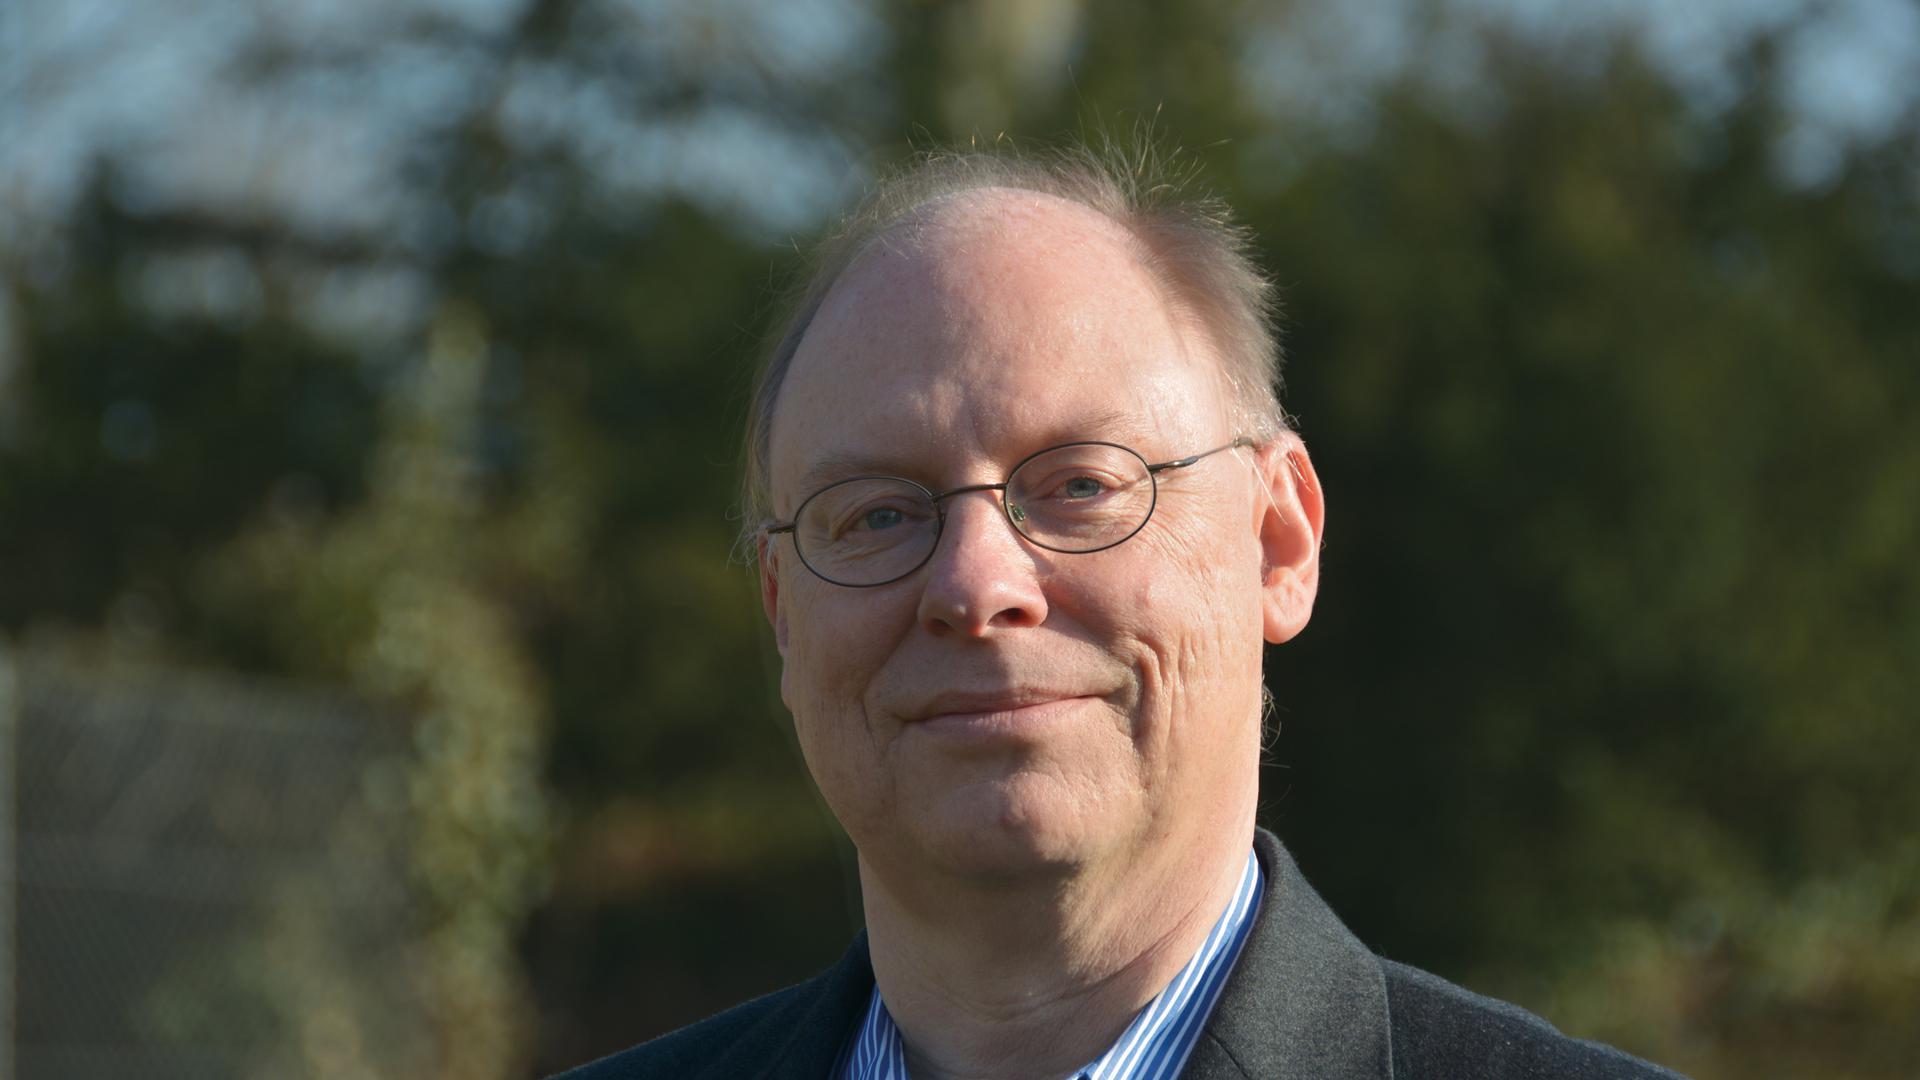 Olivier Elmer vom Psychiatrischen Zentrum Nordbaden ist Sprecher des Bündnisses gegen Depression Rhein-Neckar Süd.